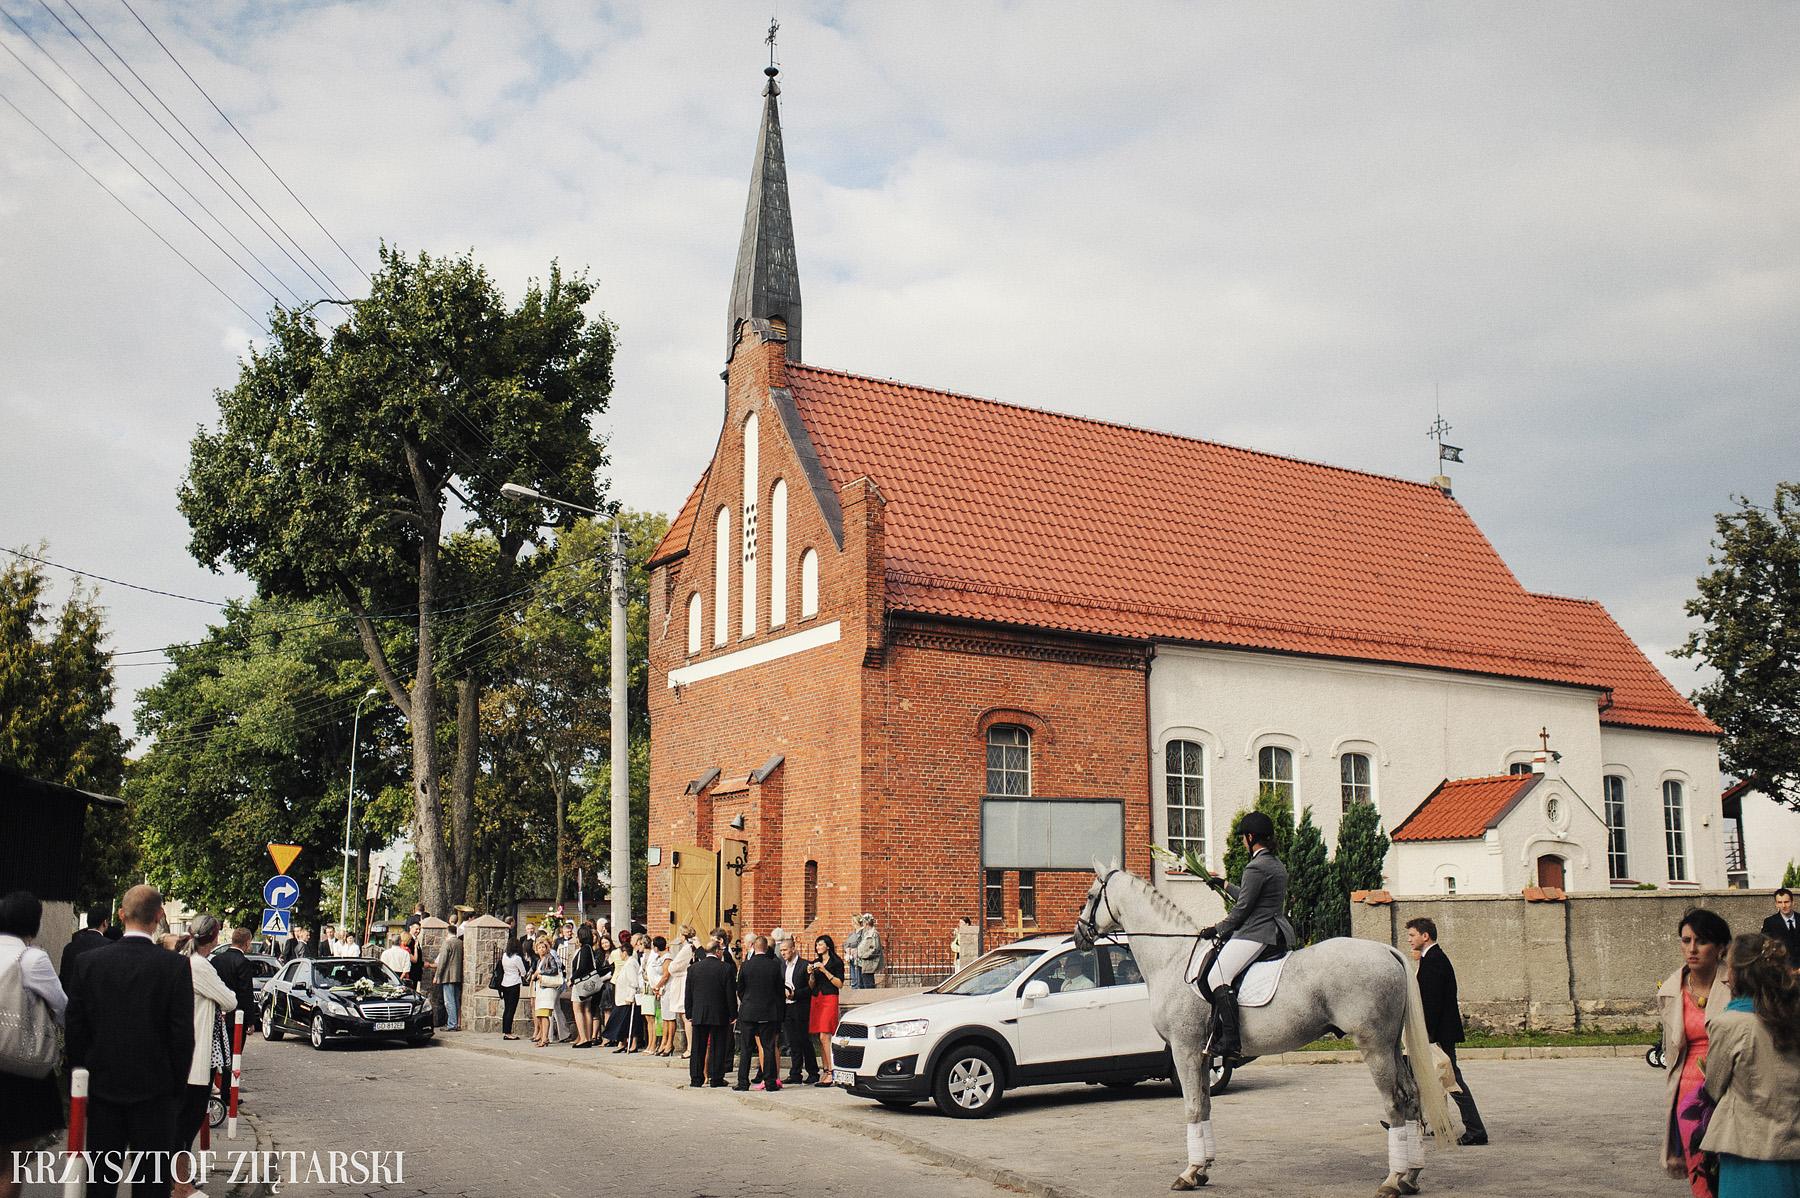 Karolina i Jacek - Fotografia ślubna Gdańsk, Chwaszczyno, Gościniec dla Przyjaciół Wyczechowo Hilary - 17.